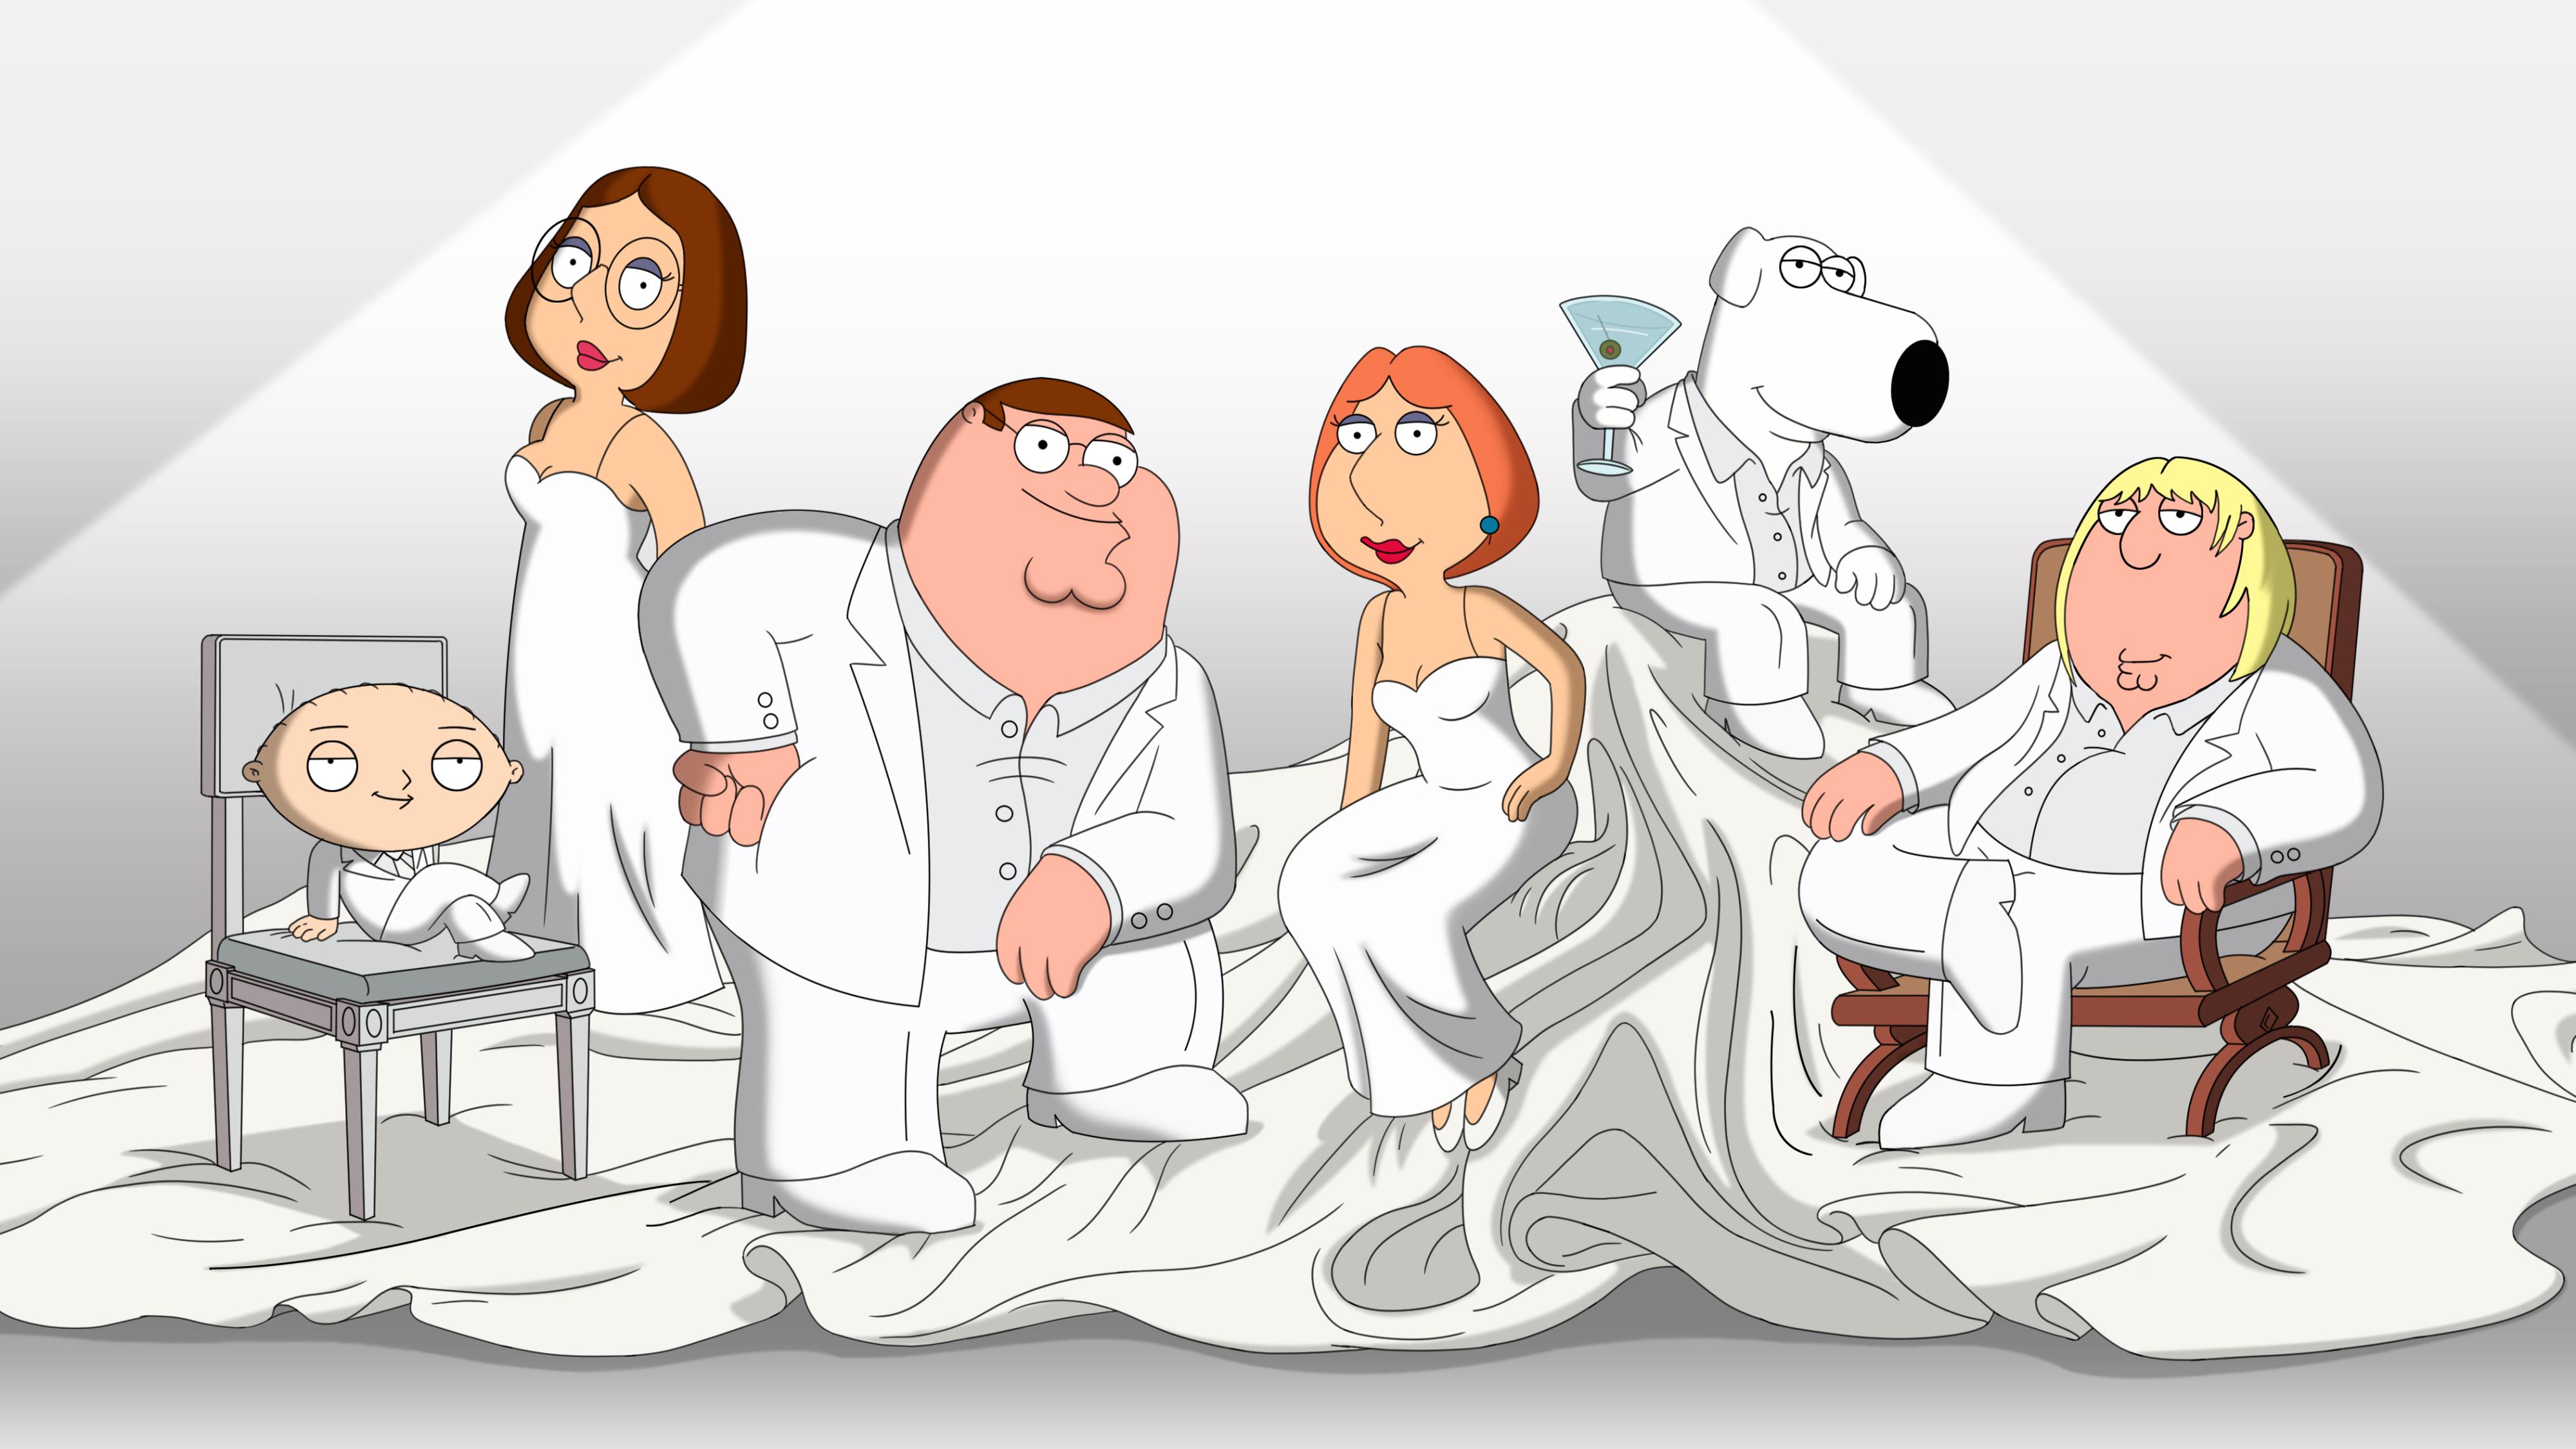 Emmy-Winning Episode | Family Guy Wiki | FANDOM powered by Wikia